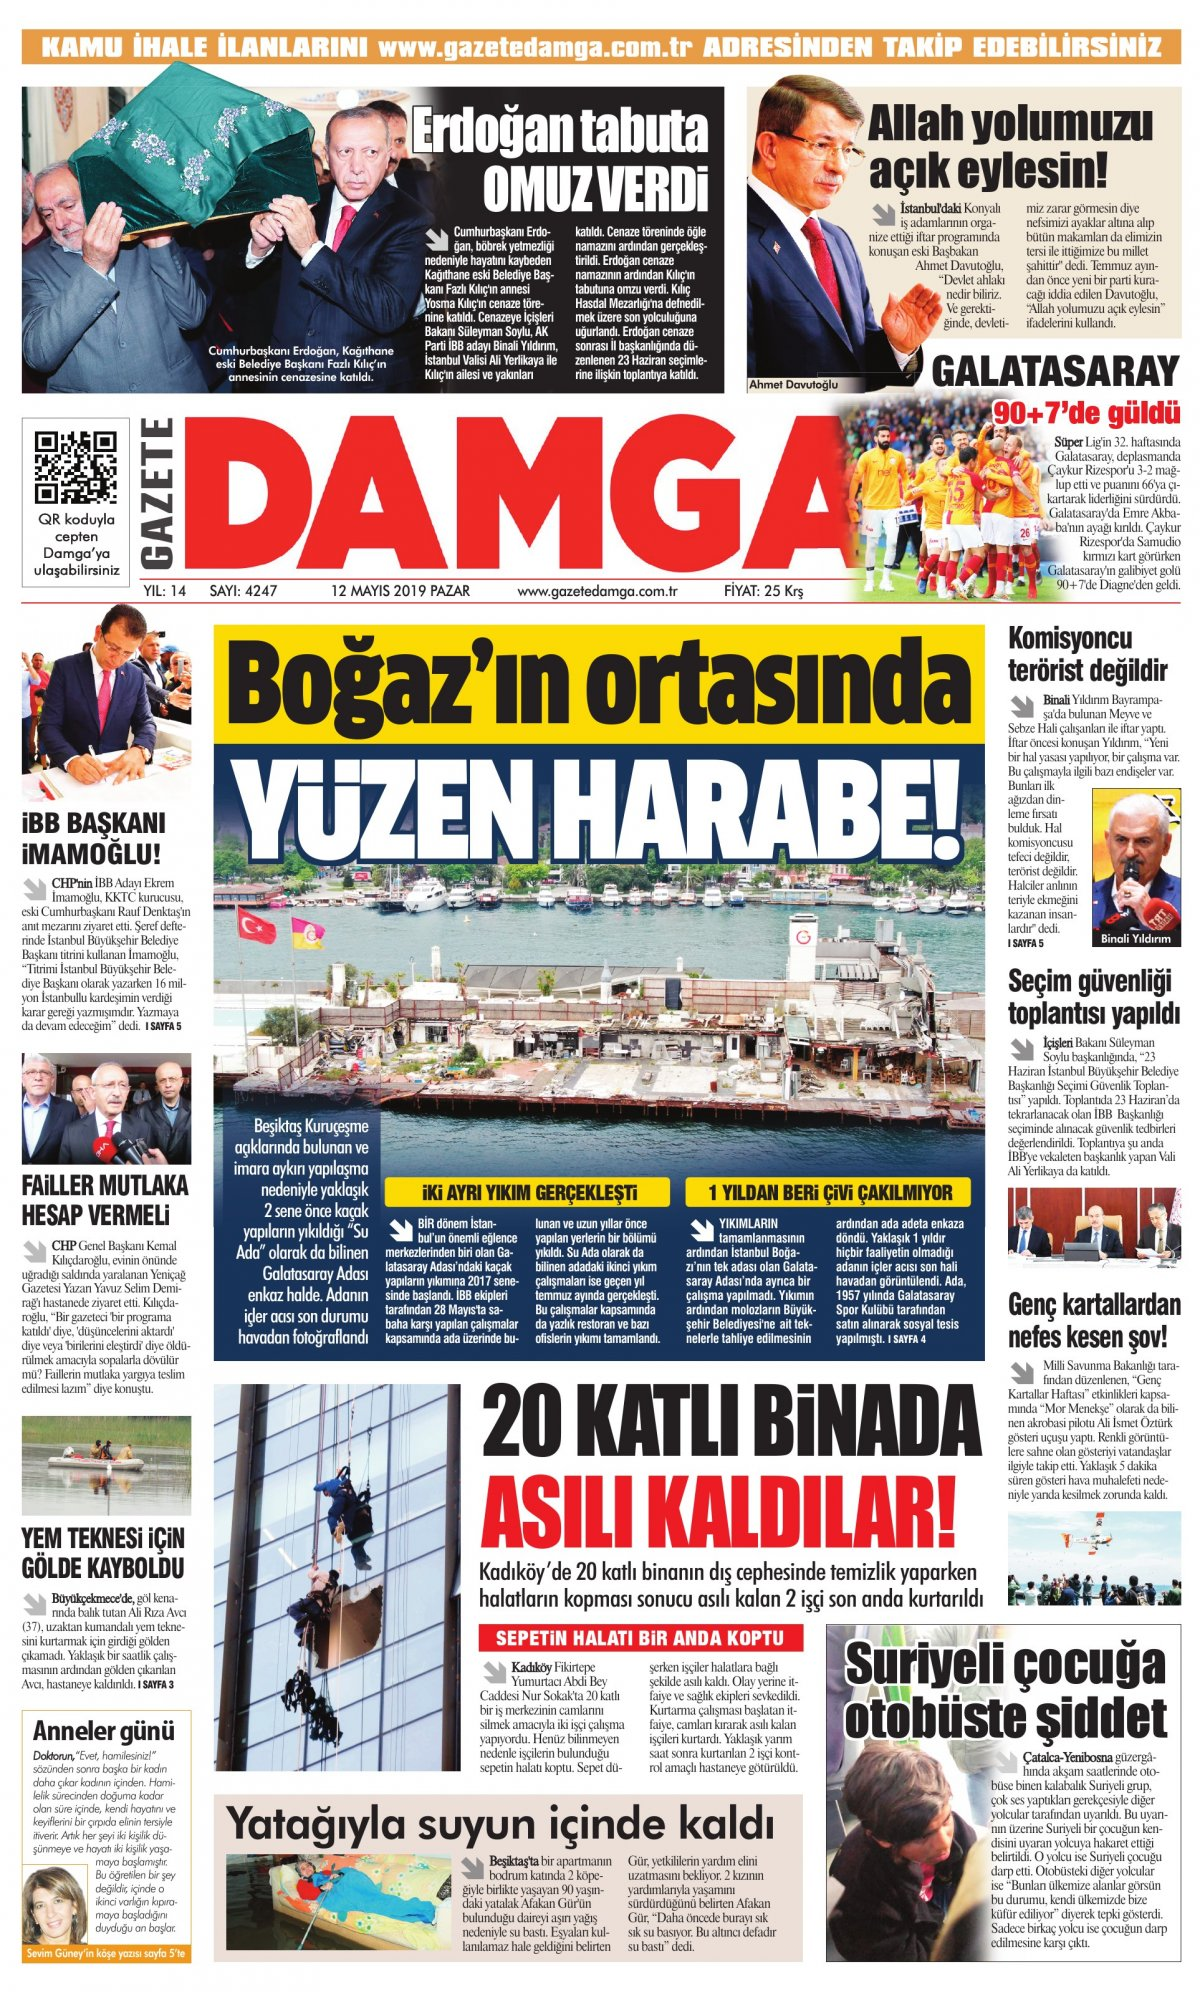 Gazete Damga - 12.05.2019 Sayfaları